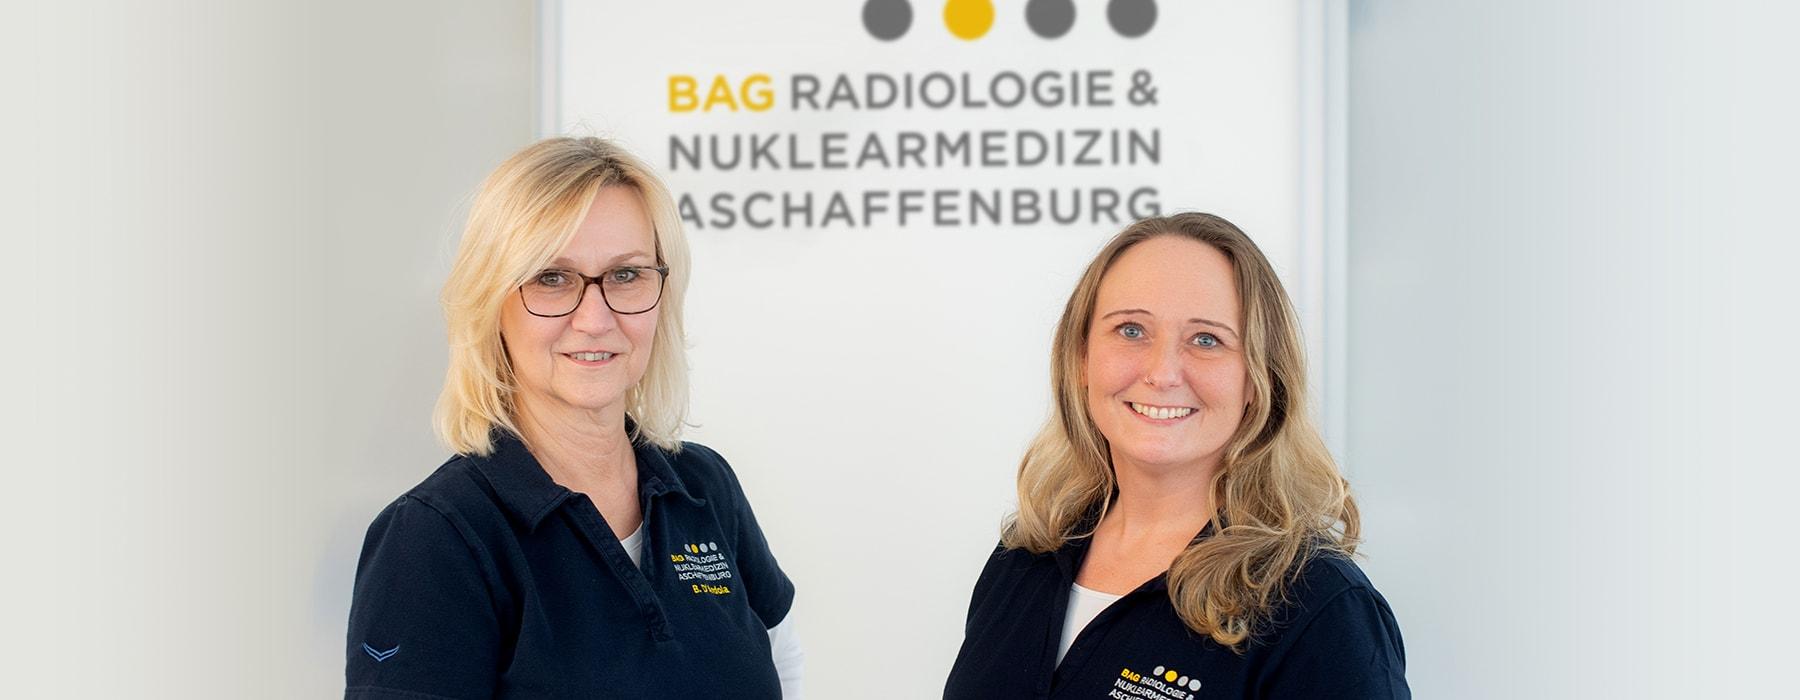 Unser Management-Team in Seligenstadt